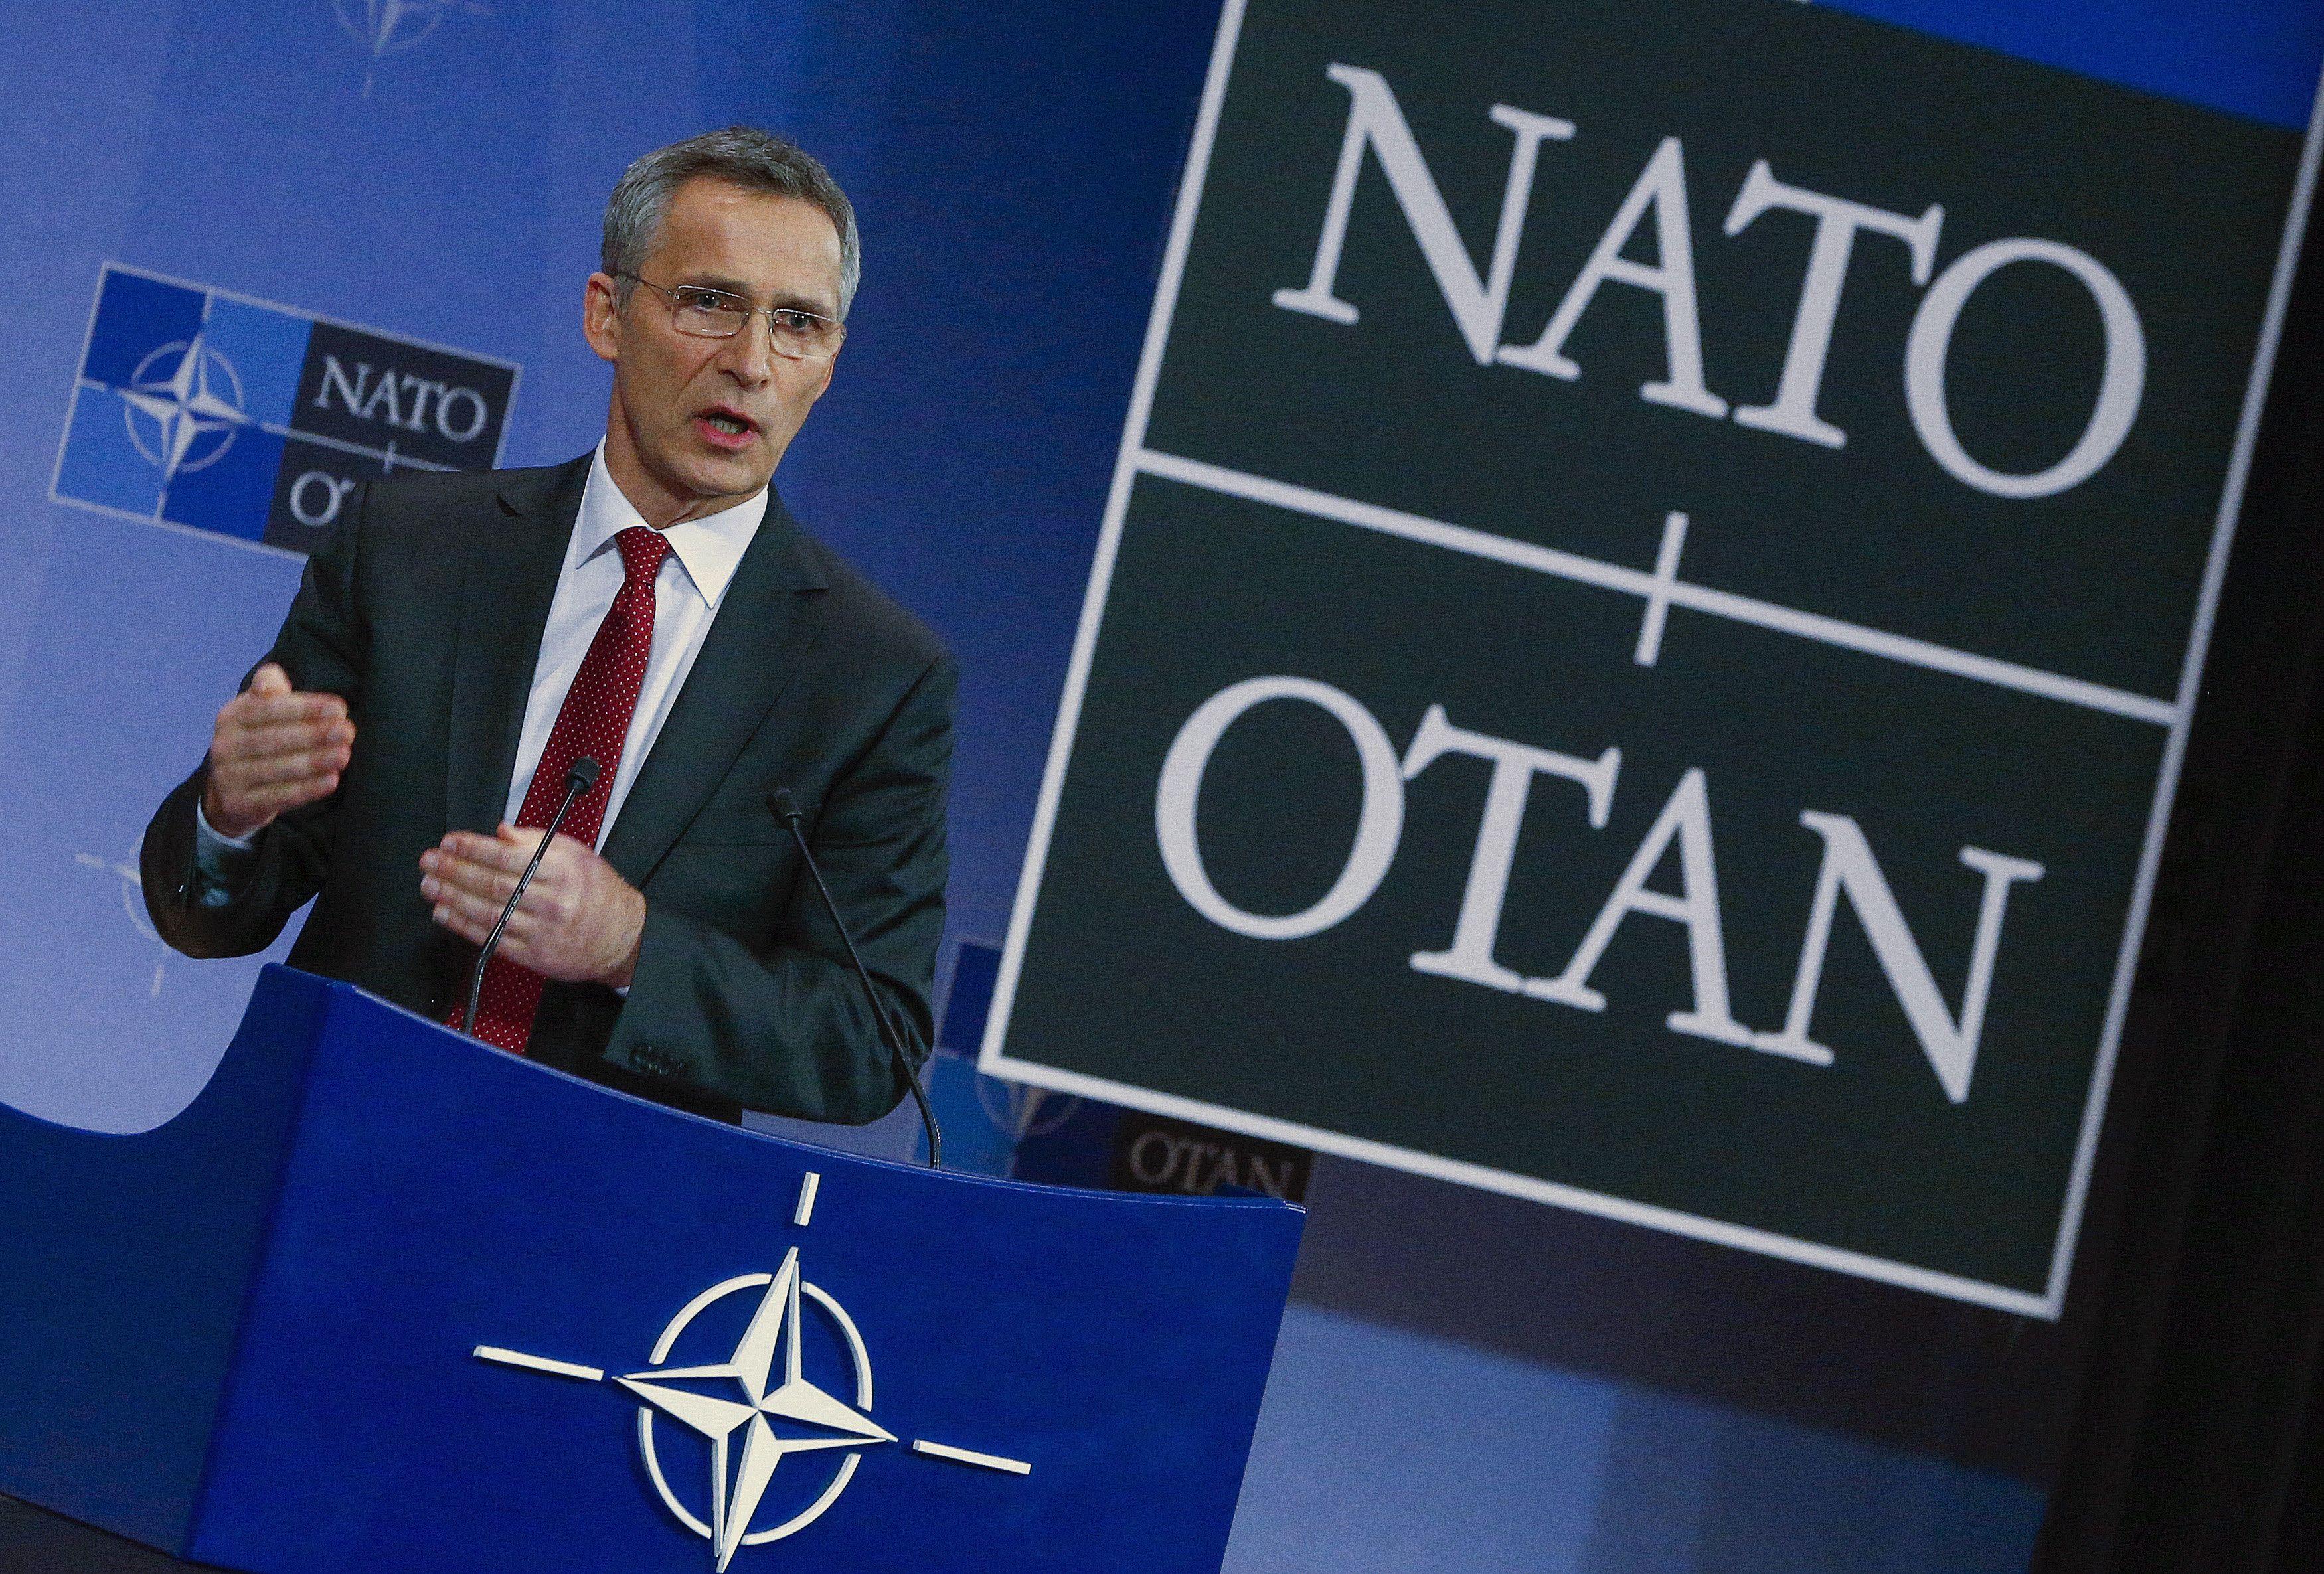 Йенс Столтенберг, НАТО 02